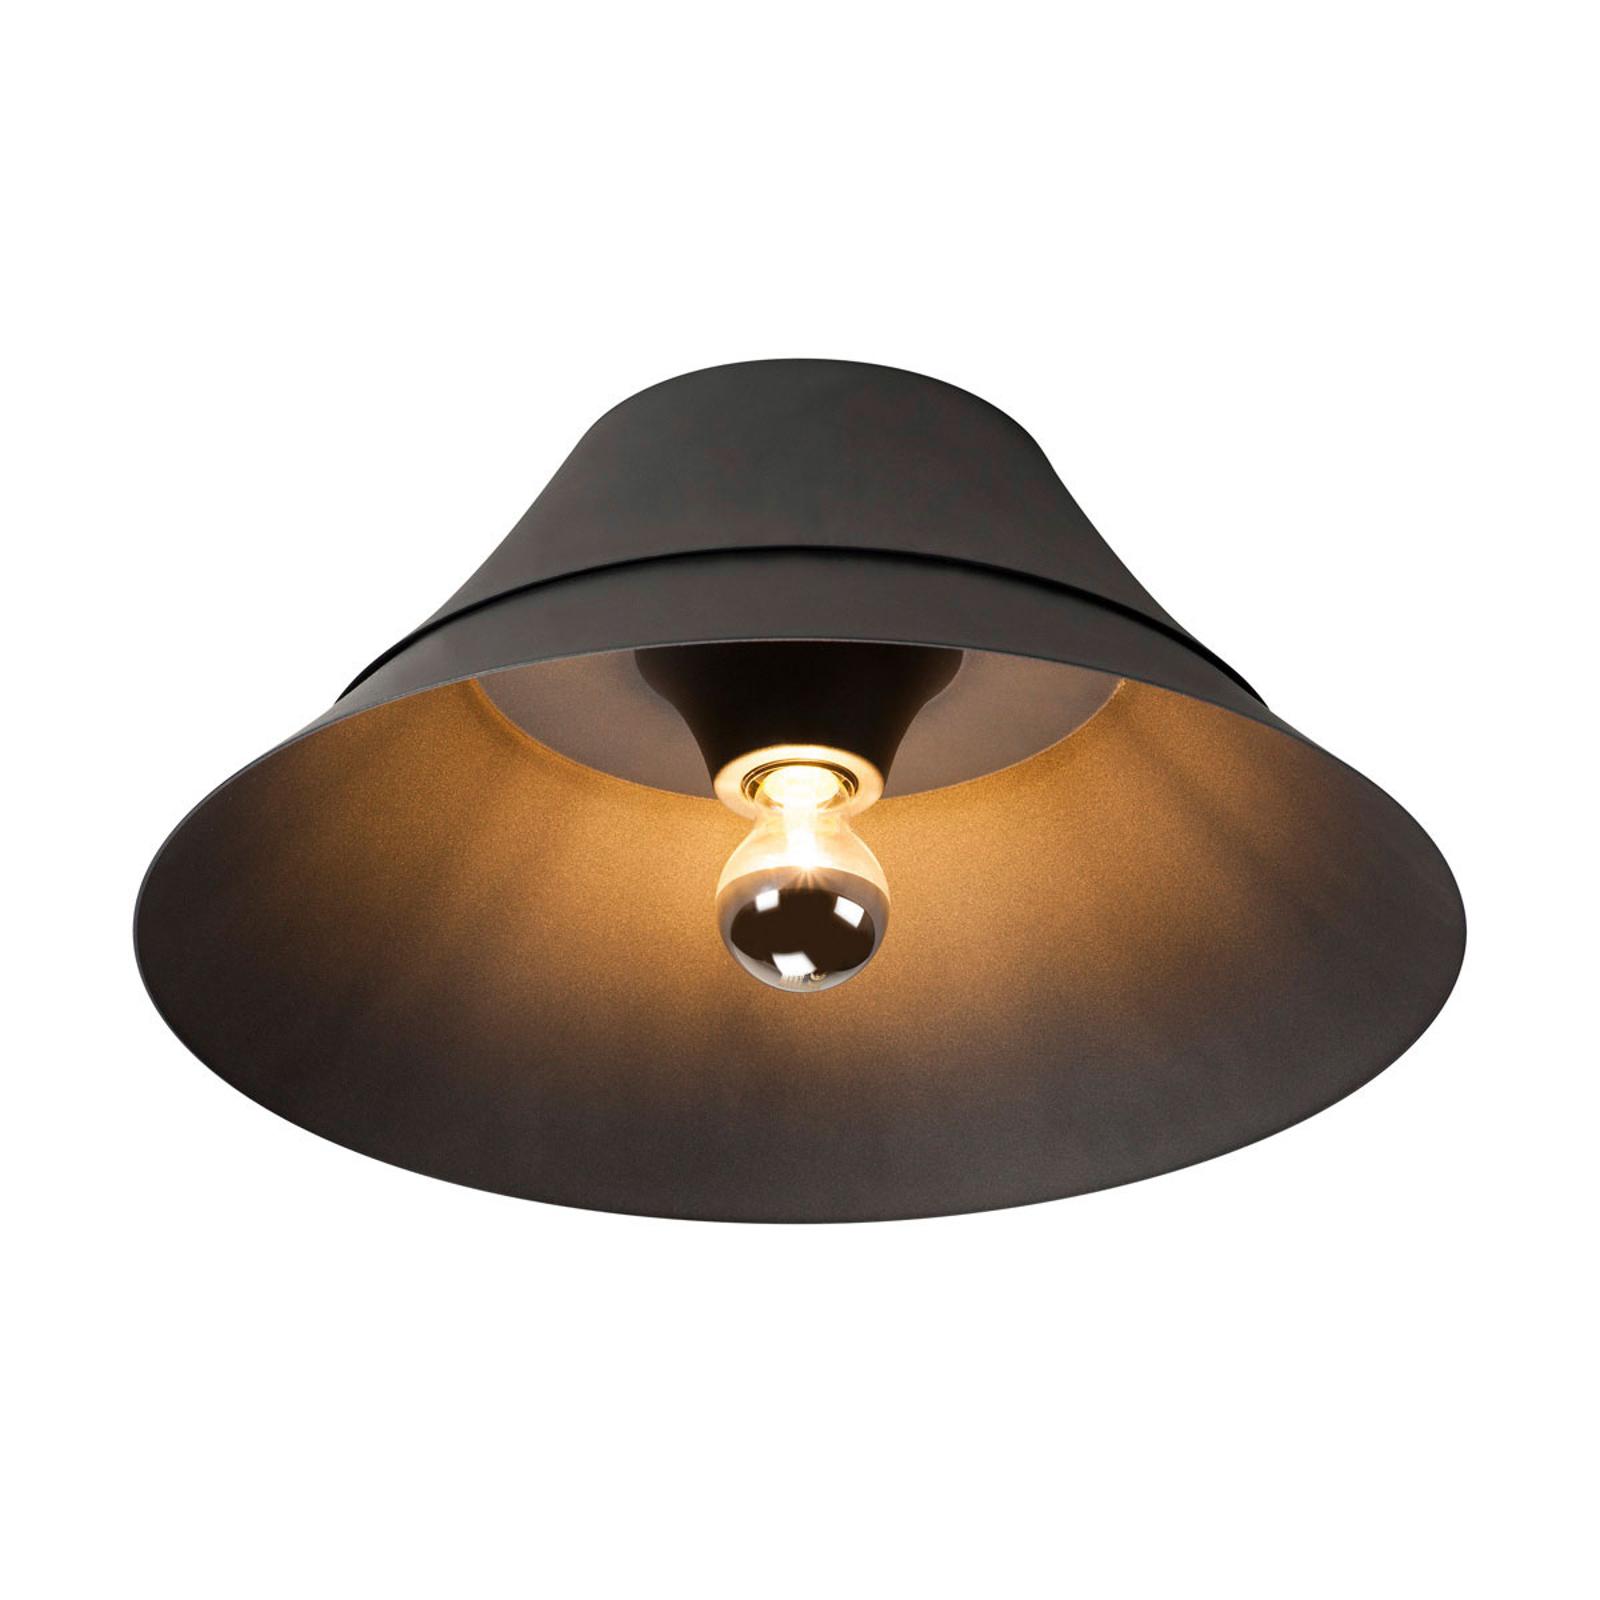 SLV Bato 45 lampa sufitowa E27 czarna